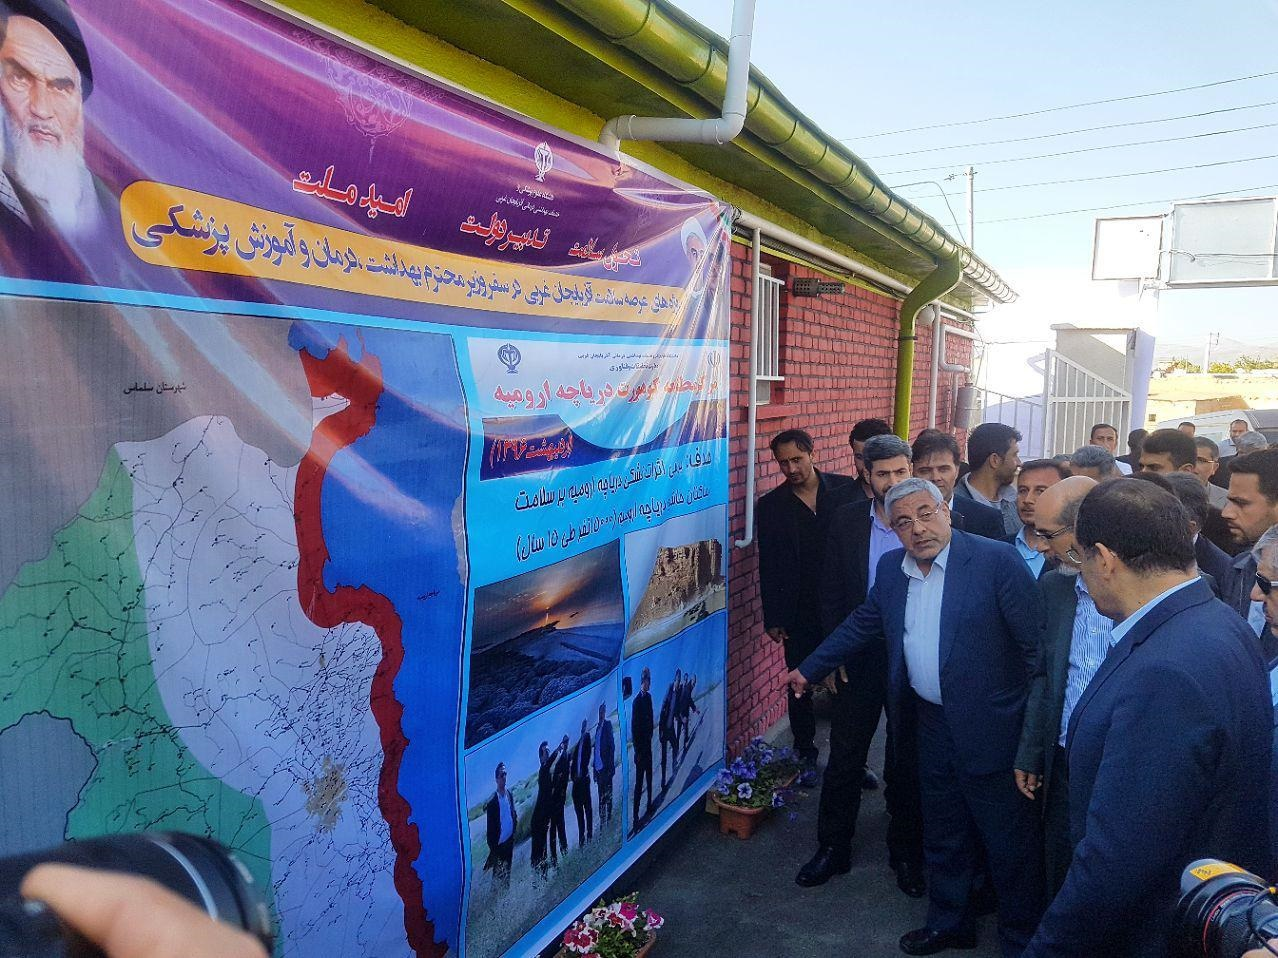 با حضور وزیر بهداشت صورت گرفت؛ بهرهبرداری از مرکز مطالعه کوهورت دریاچه ارومیه